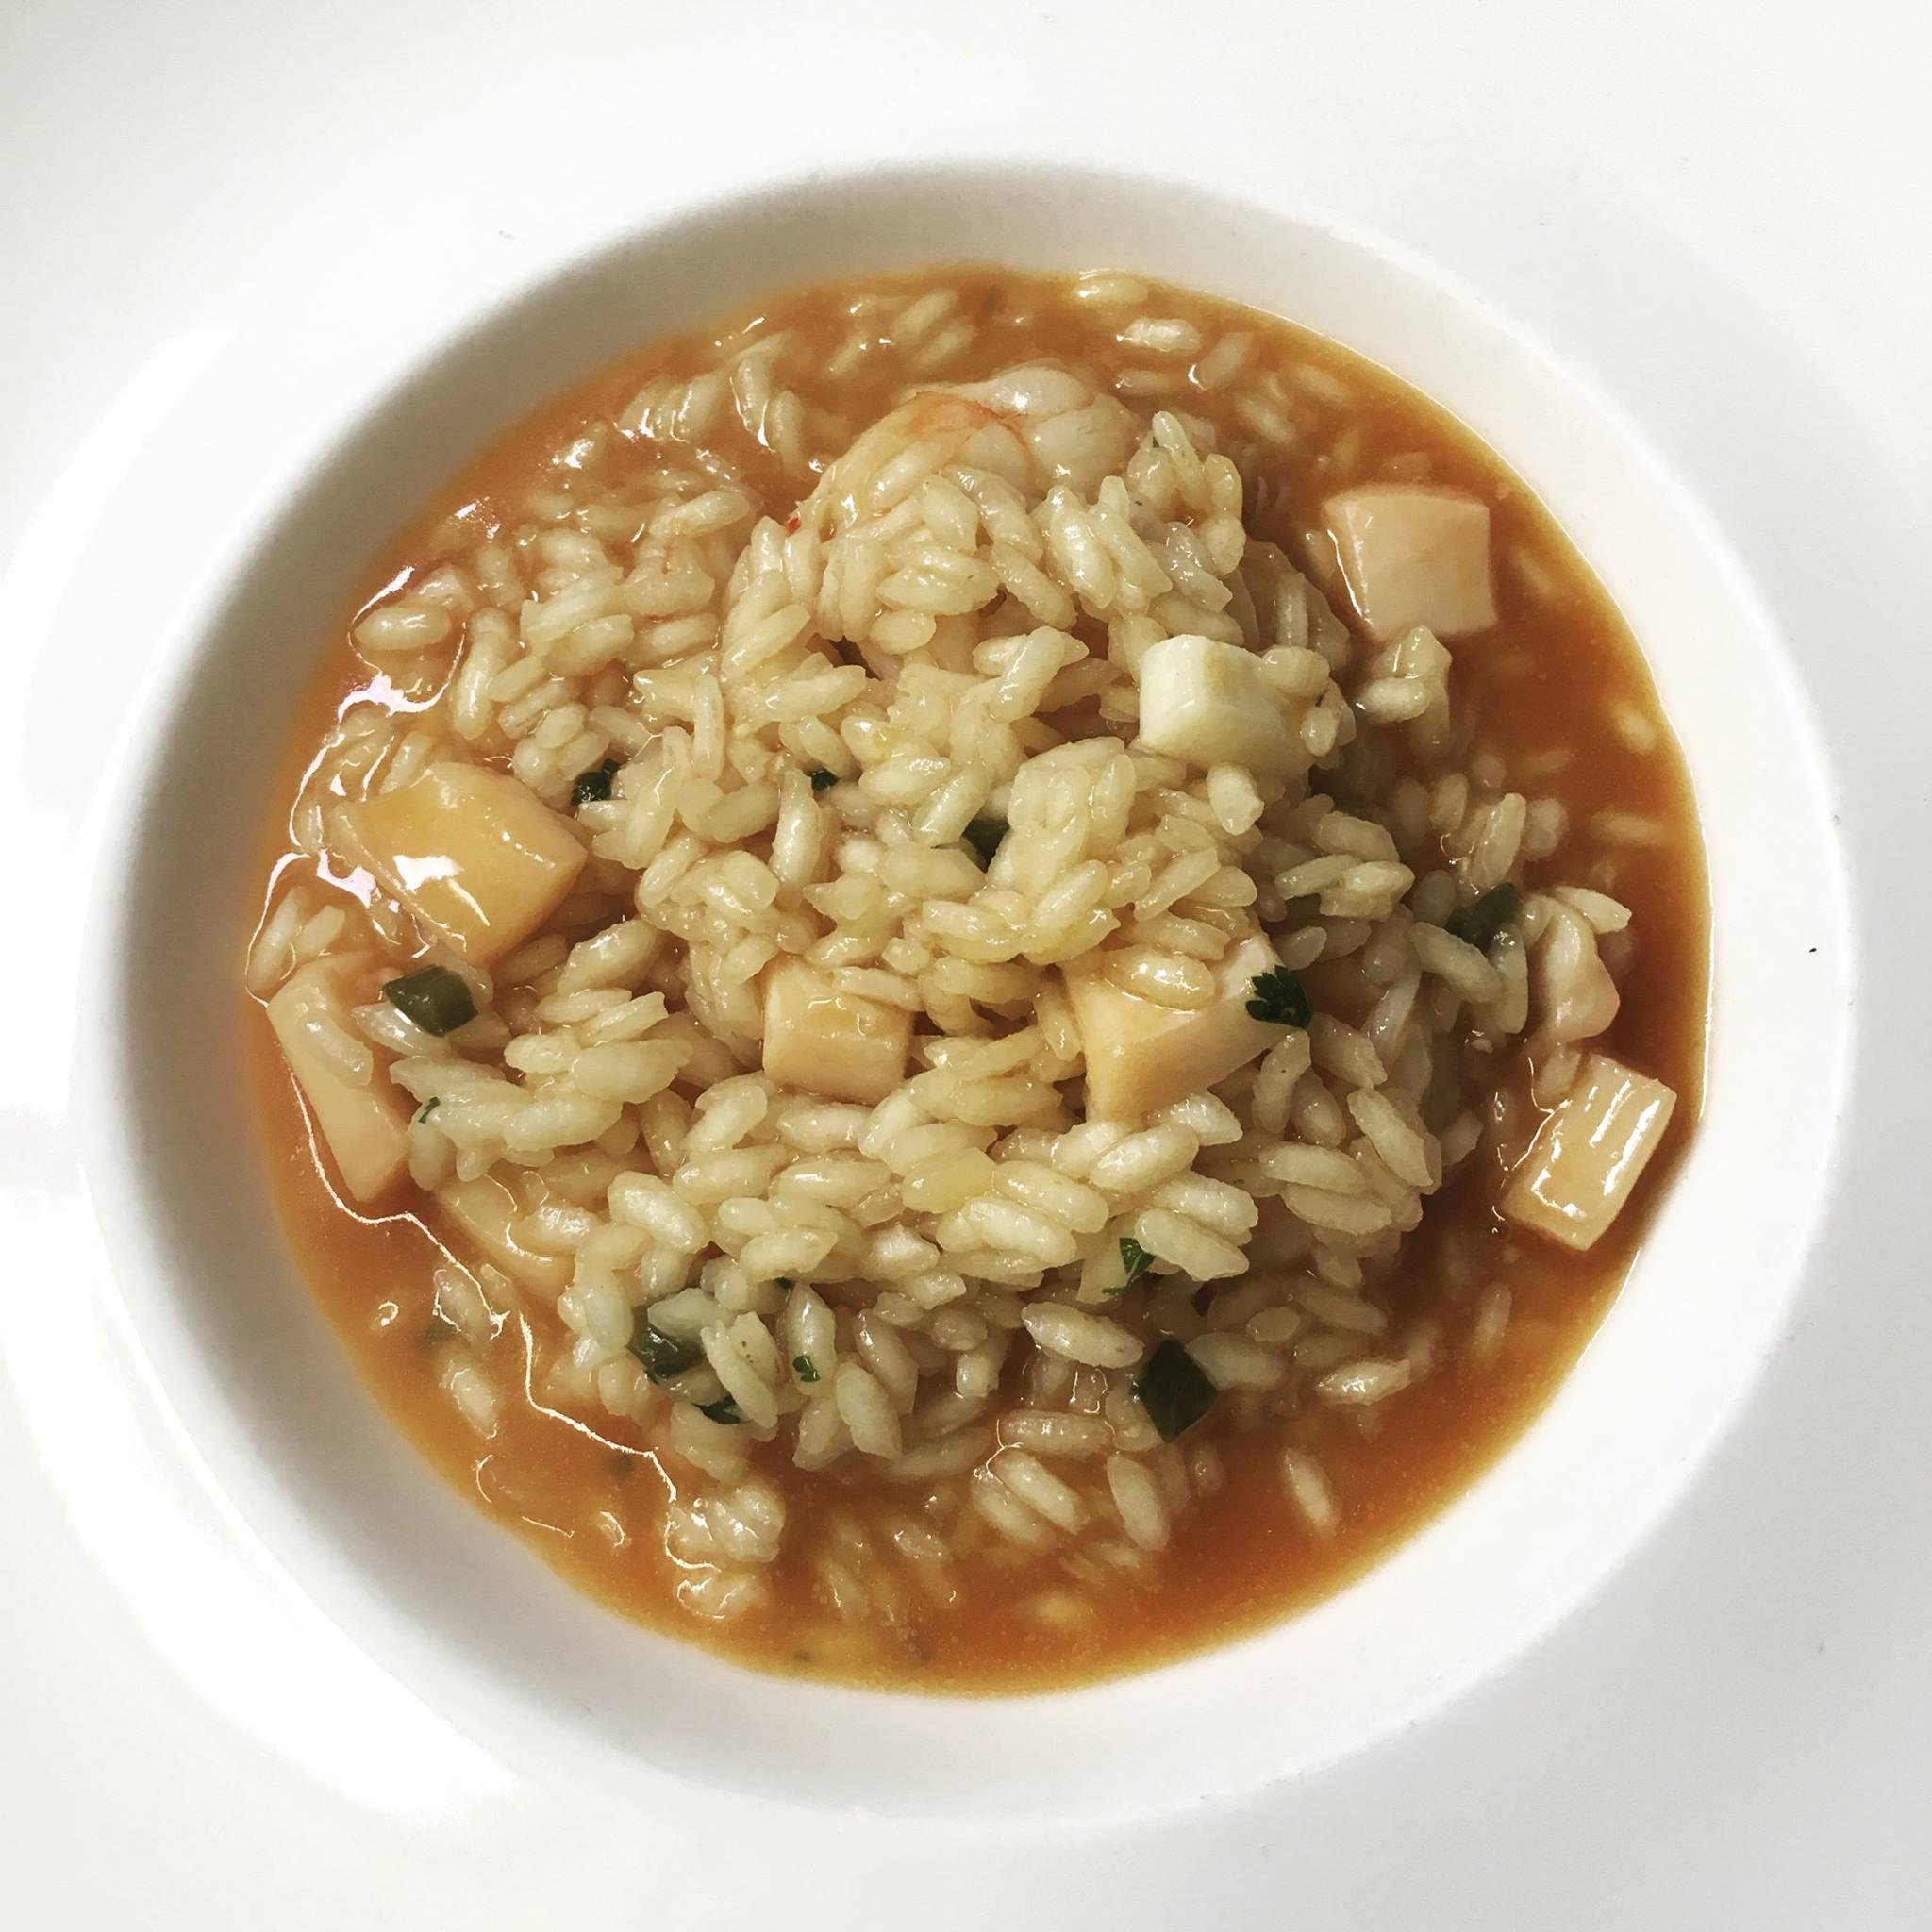 Si te apetece un plato con sabor a mar, no dudes en probar este arroz con calamares y camarones. Foto: Facebook